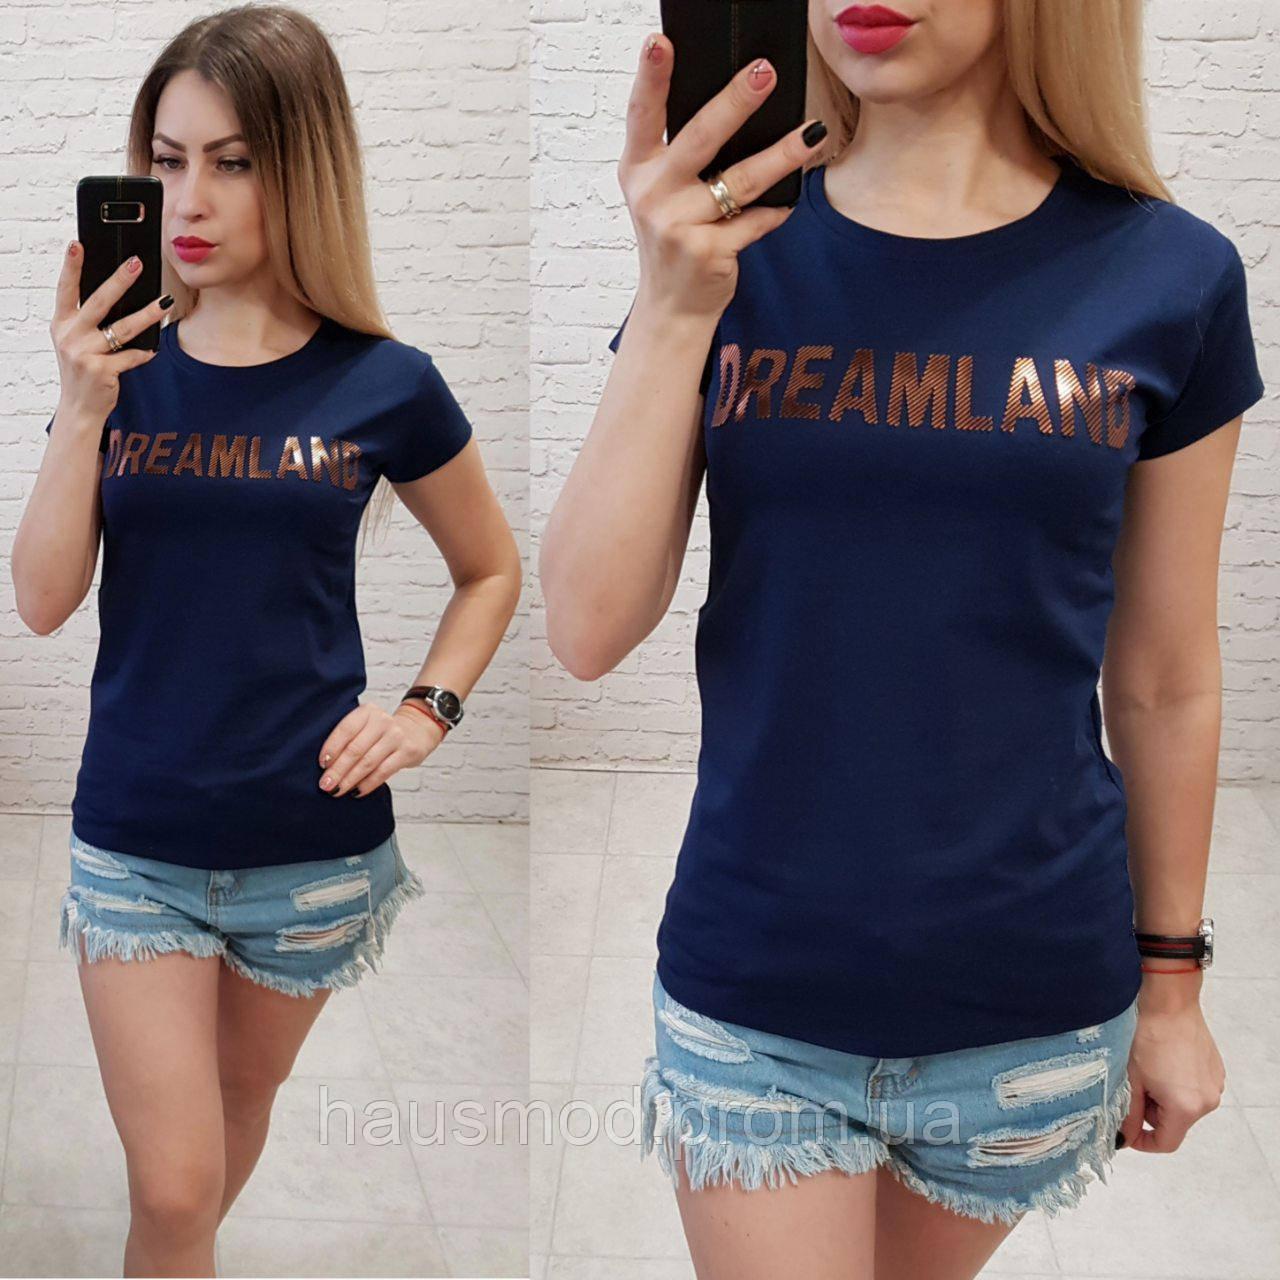 Футболка женская летняя надпись Dreamland качество турция цвет синий